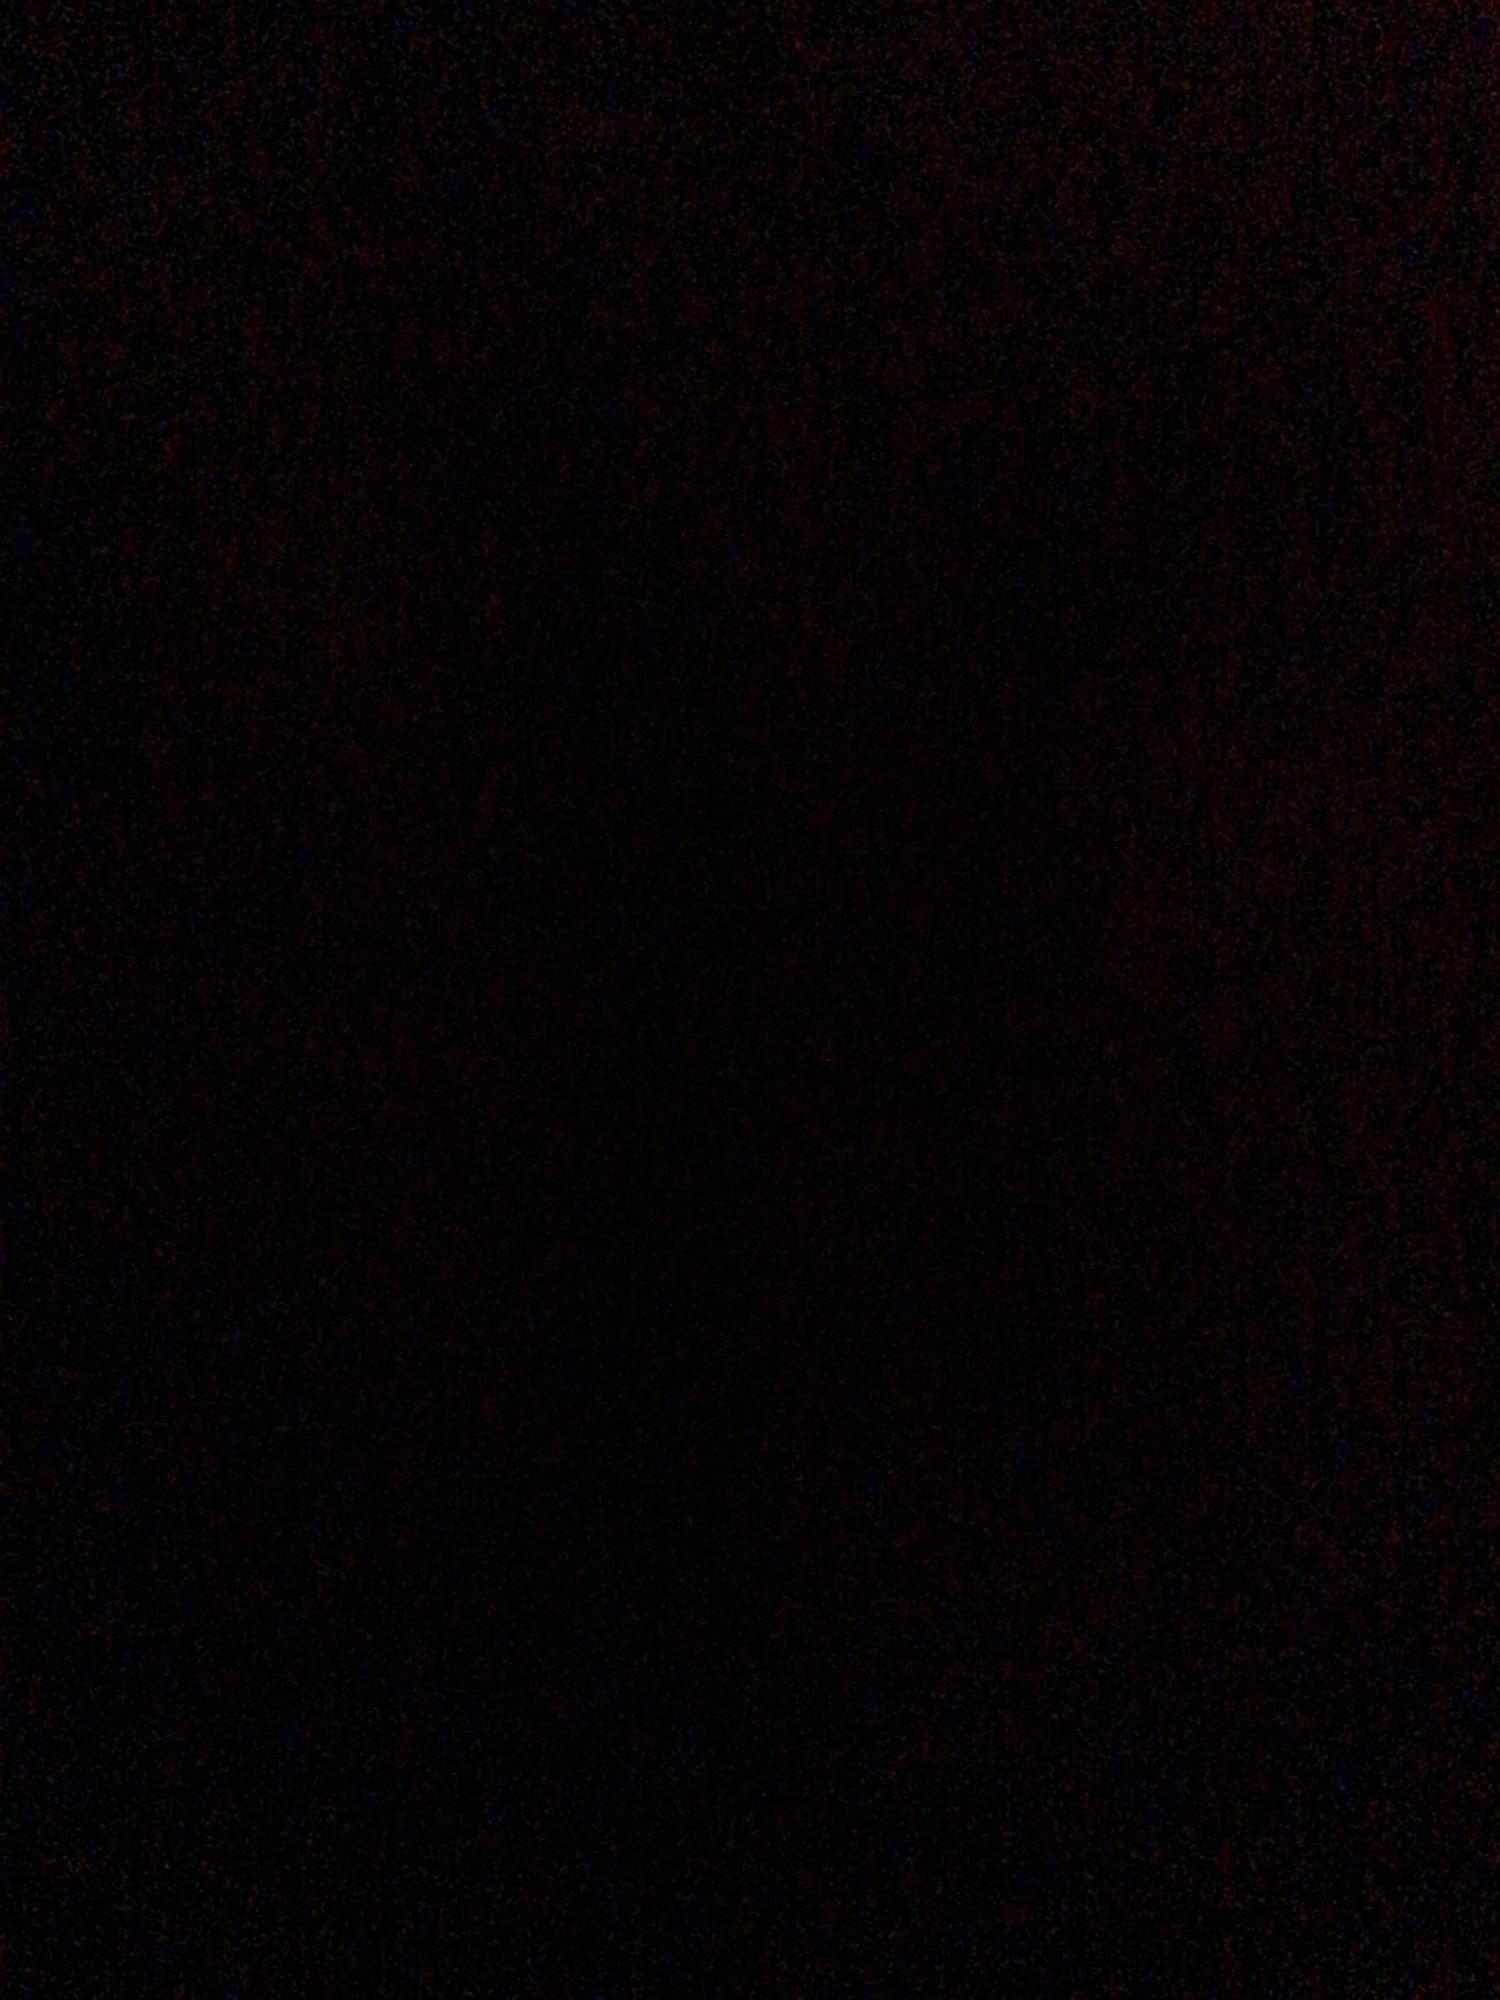 nebras_hamed's Cover Photo